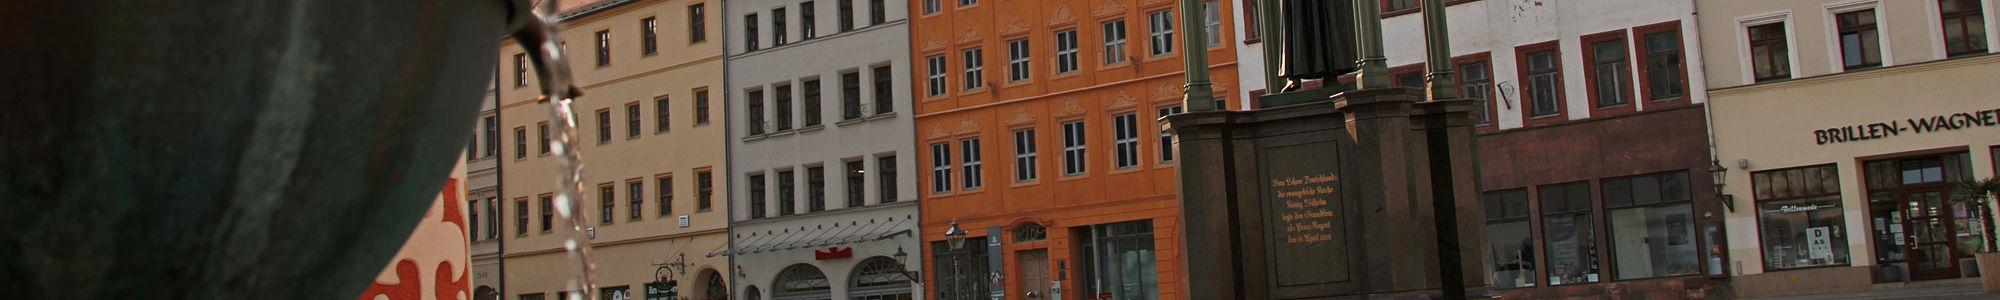 Cranach Hof Markt Wittenberg